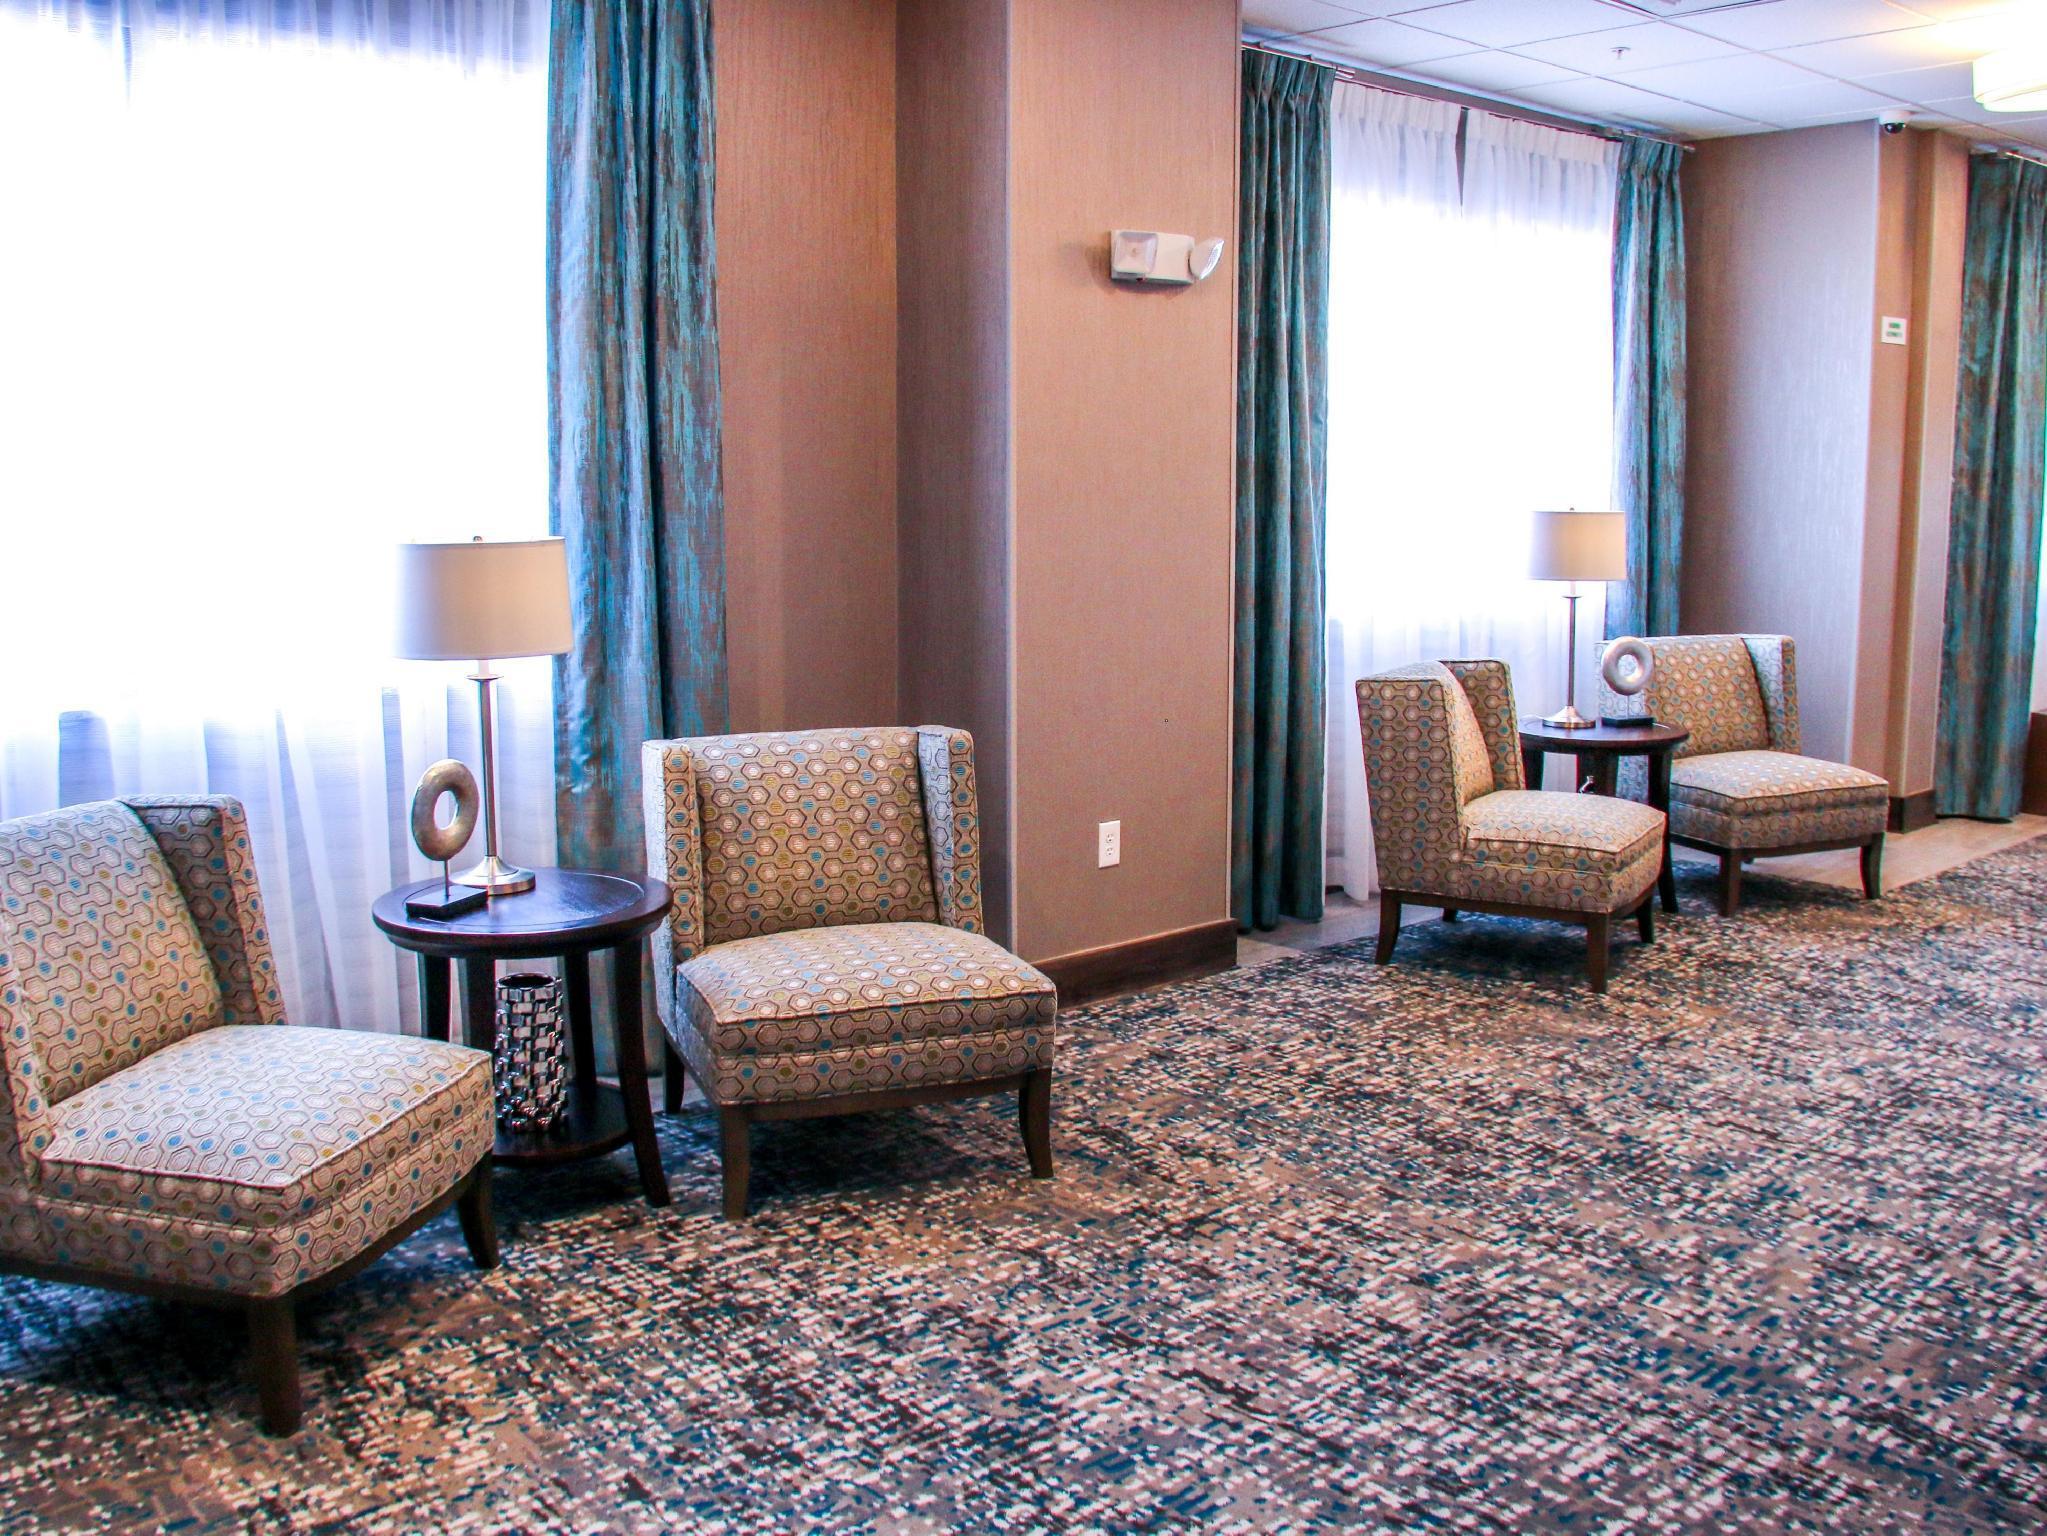 Holiday Inn Hotel & Suites Denver Tech Center-Centennial, Arapahoe